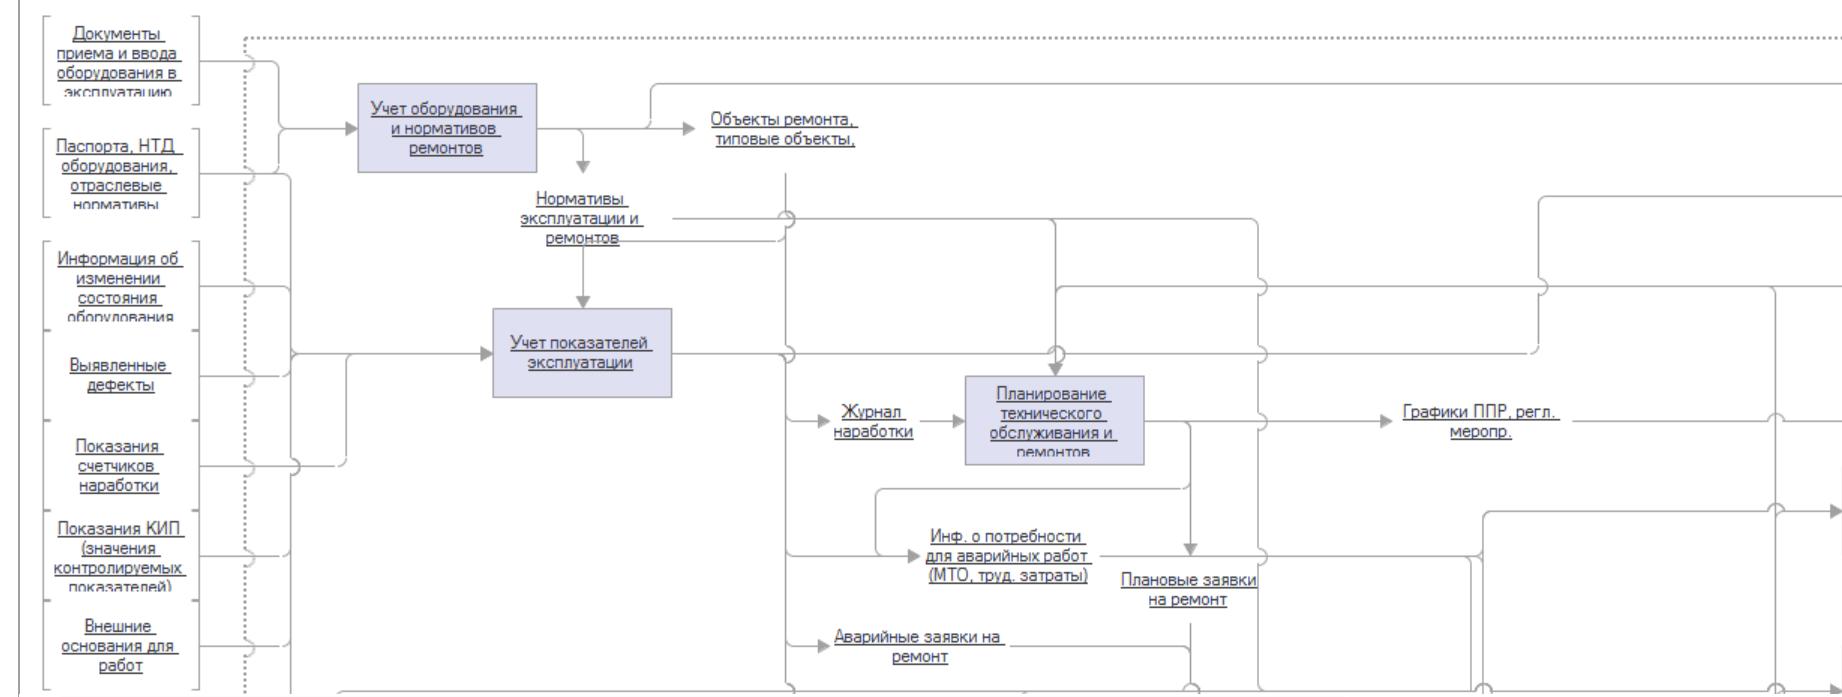 описание бизнес-процессов ТО и ремонтов